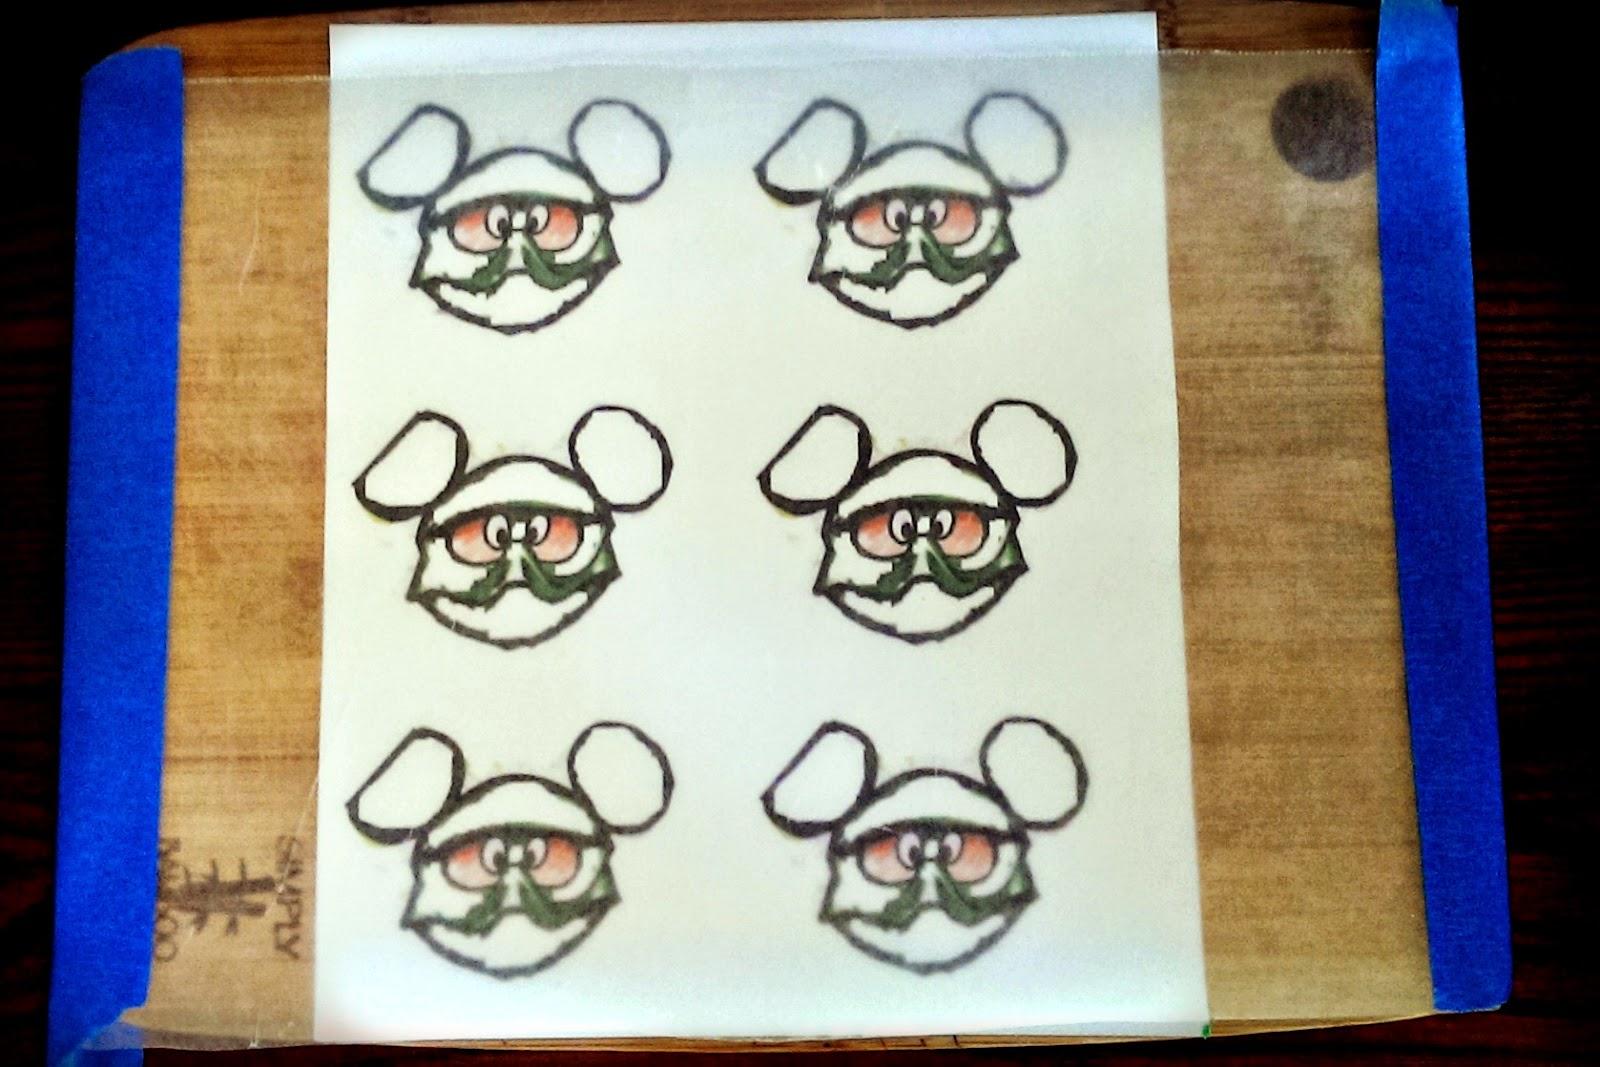 Mickey Mouse rice krispy treats